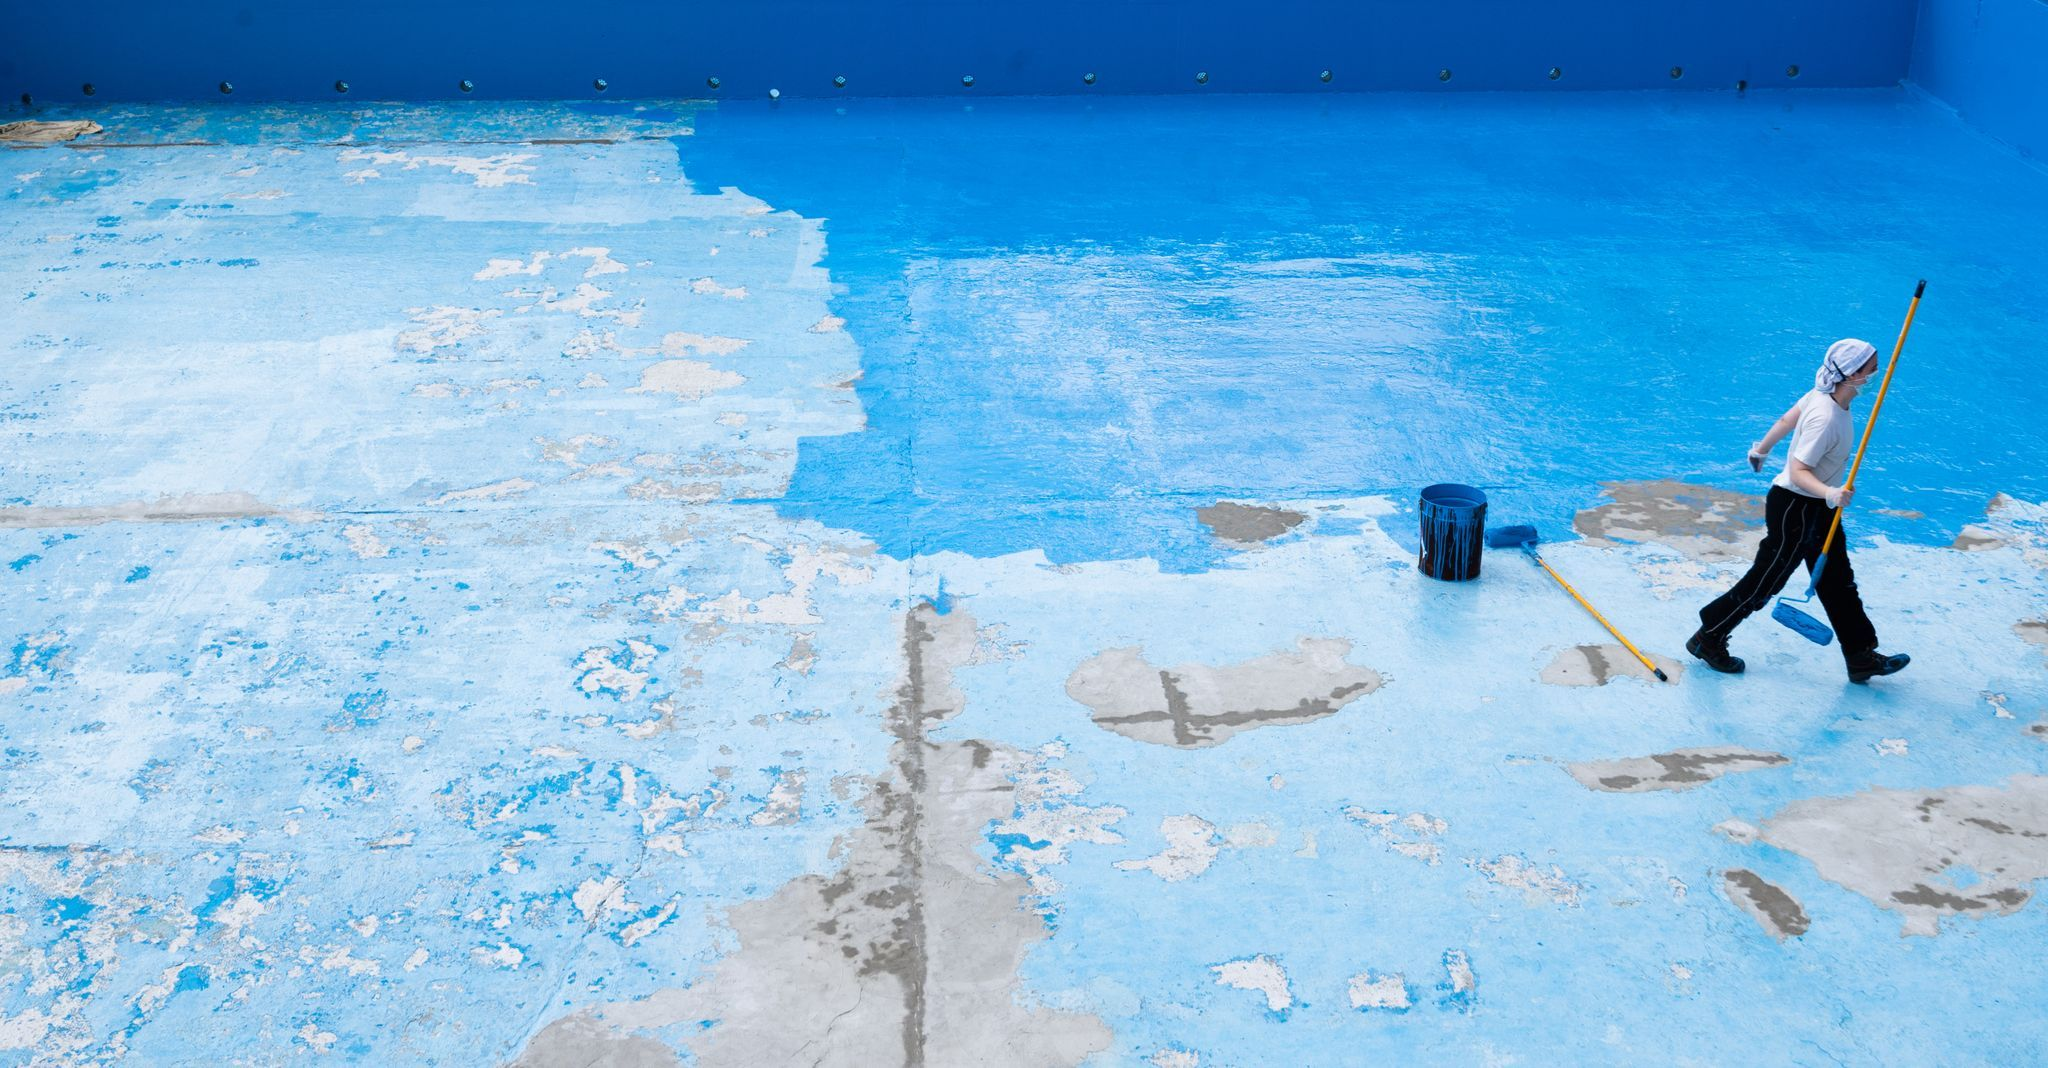 Vielerorts sind die Becken der Freibäder noch ohne Wasser. Ob und wie wieder geöffnet werden kann, ist nach wie vor fraglich. Foto: dpa/Stratenschulte